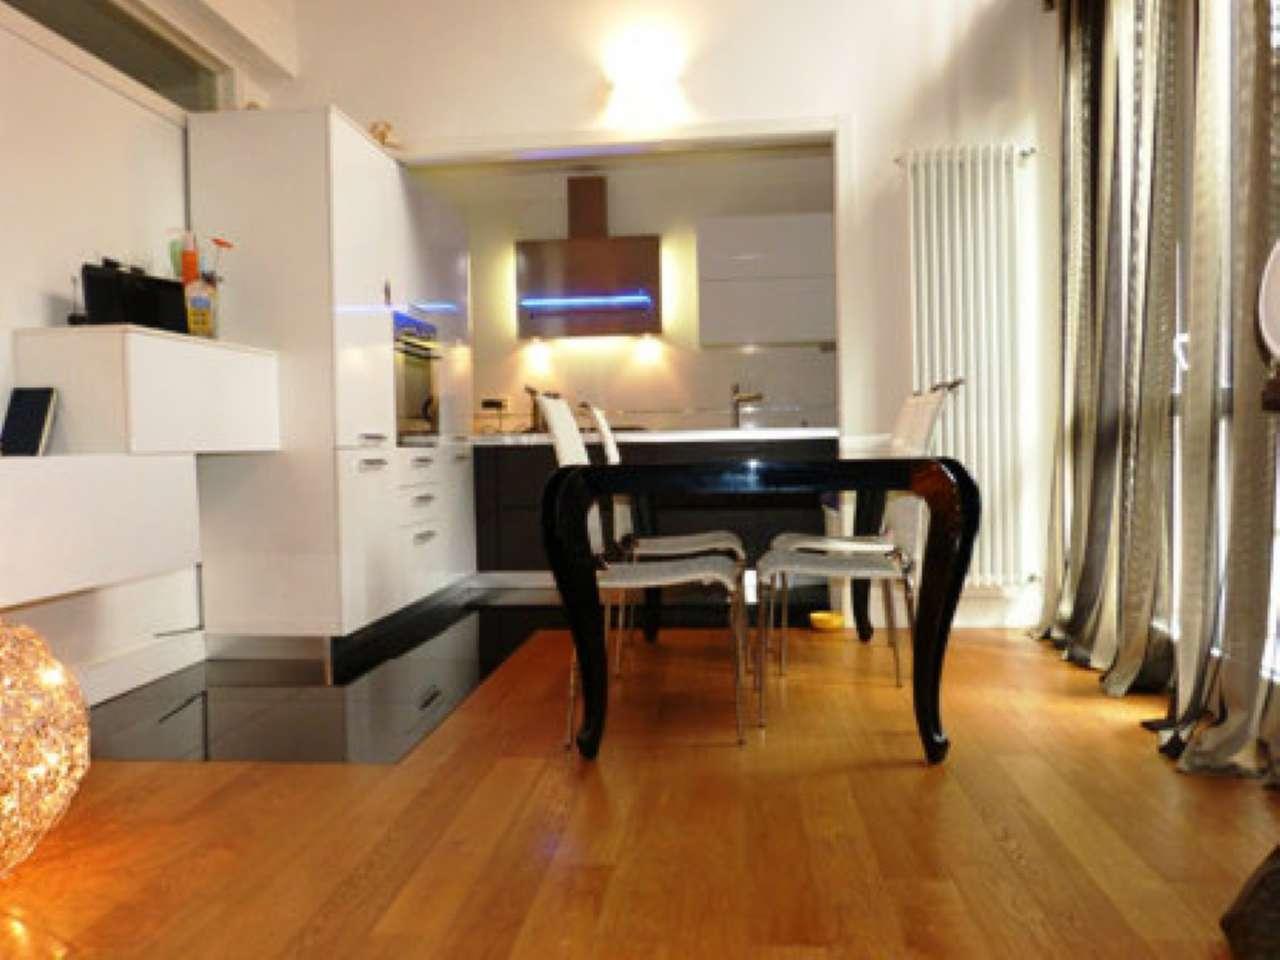 Appartamento in vendita a Fossano, 4 locali, prezzo € 230.000 | CambioCasa.it